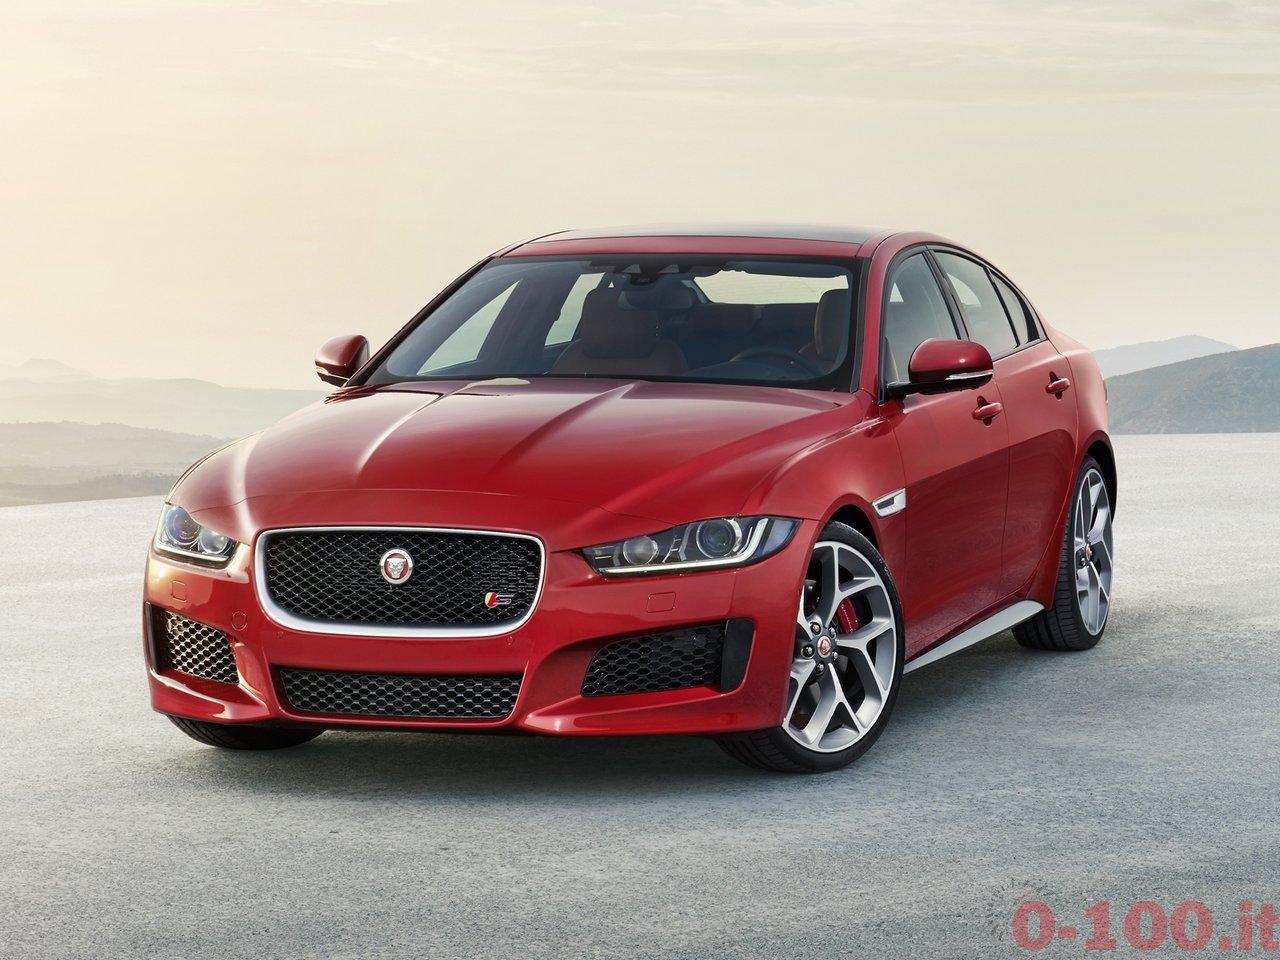 jaguar-xe-s-prezzo-price-2015_0-100_3